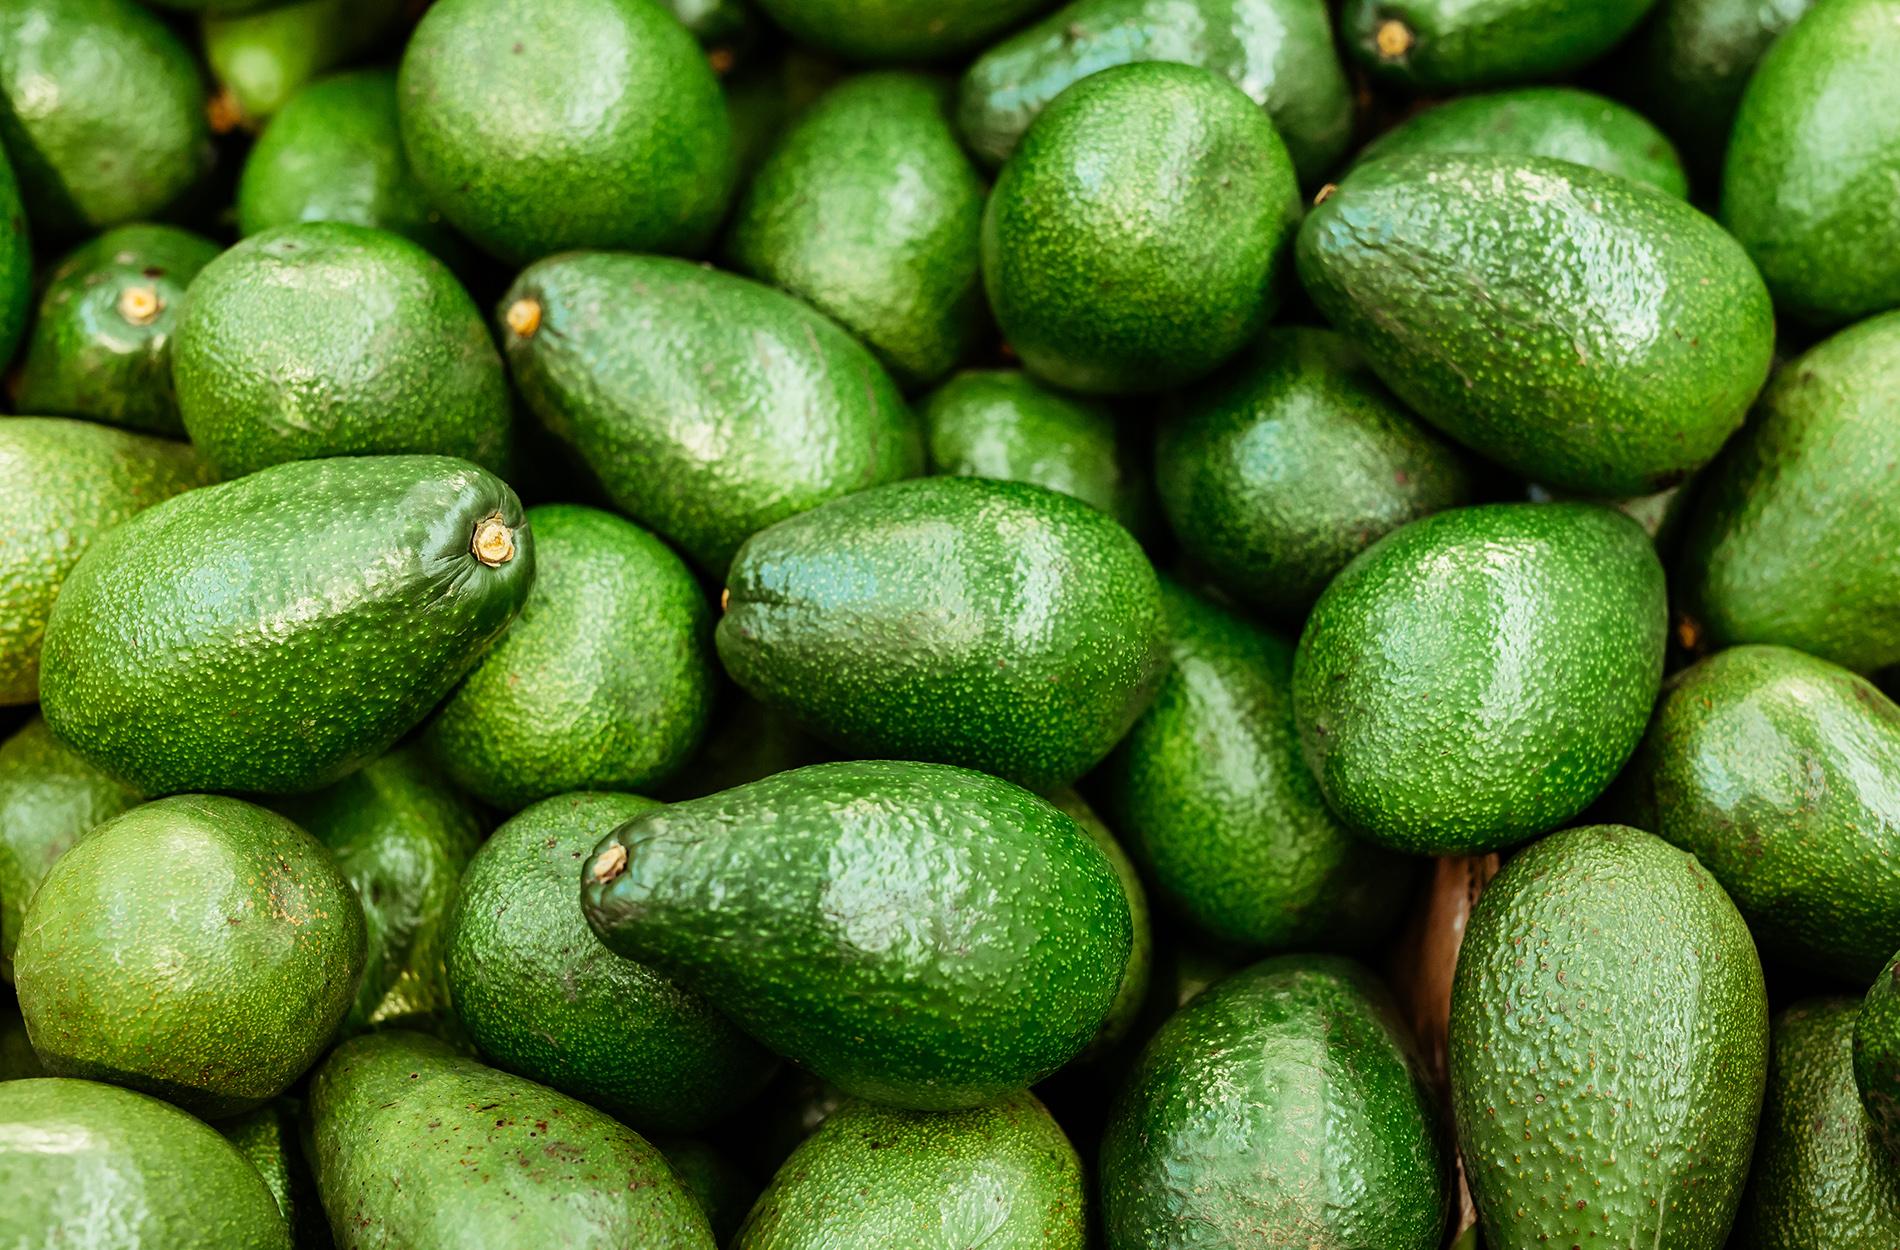 Close up of dozens of avocados